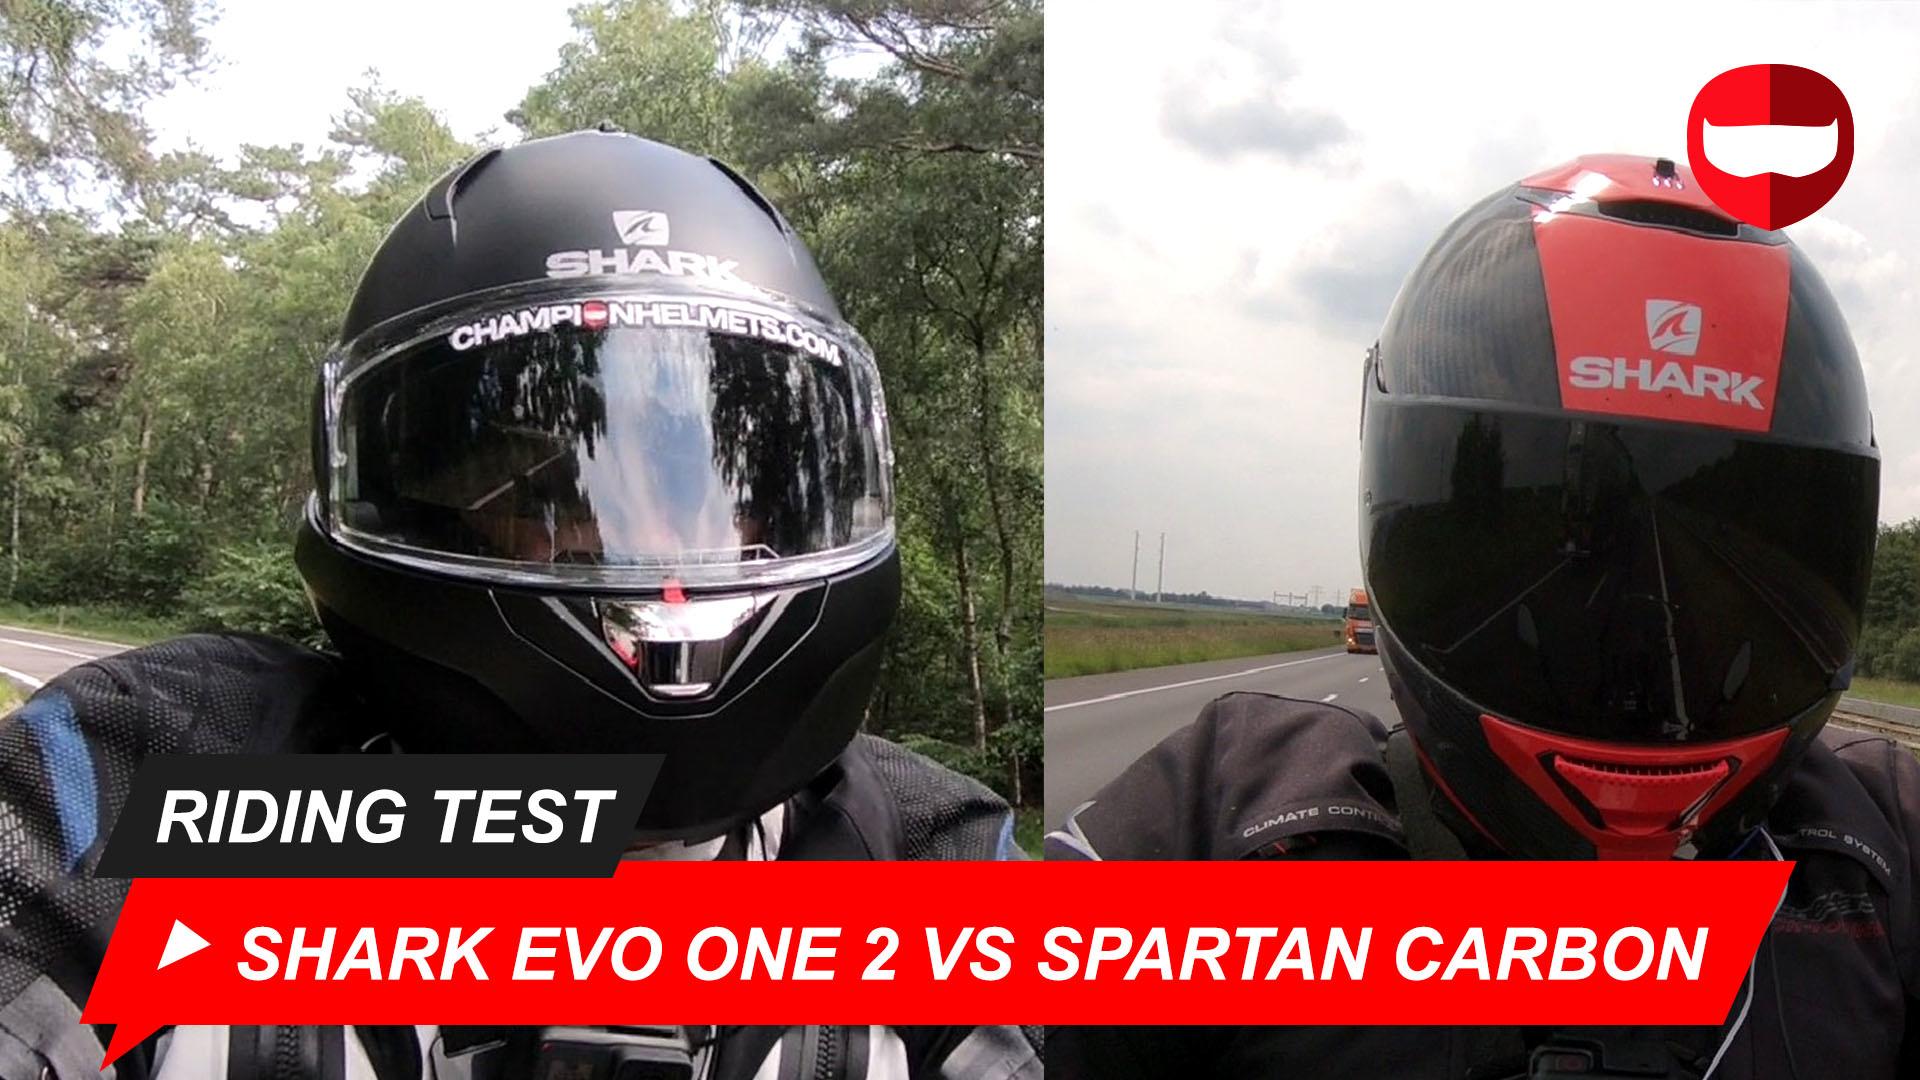 Shark Evo One 2 vs. Shark Spartan Carbon